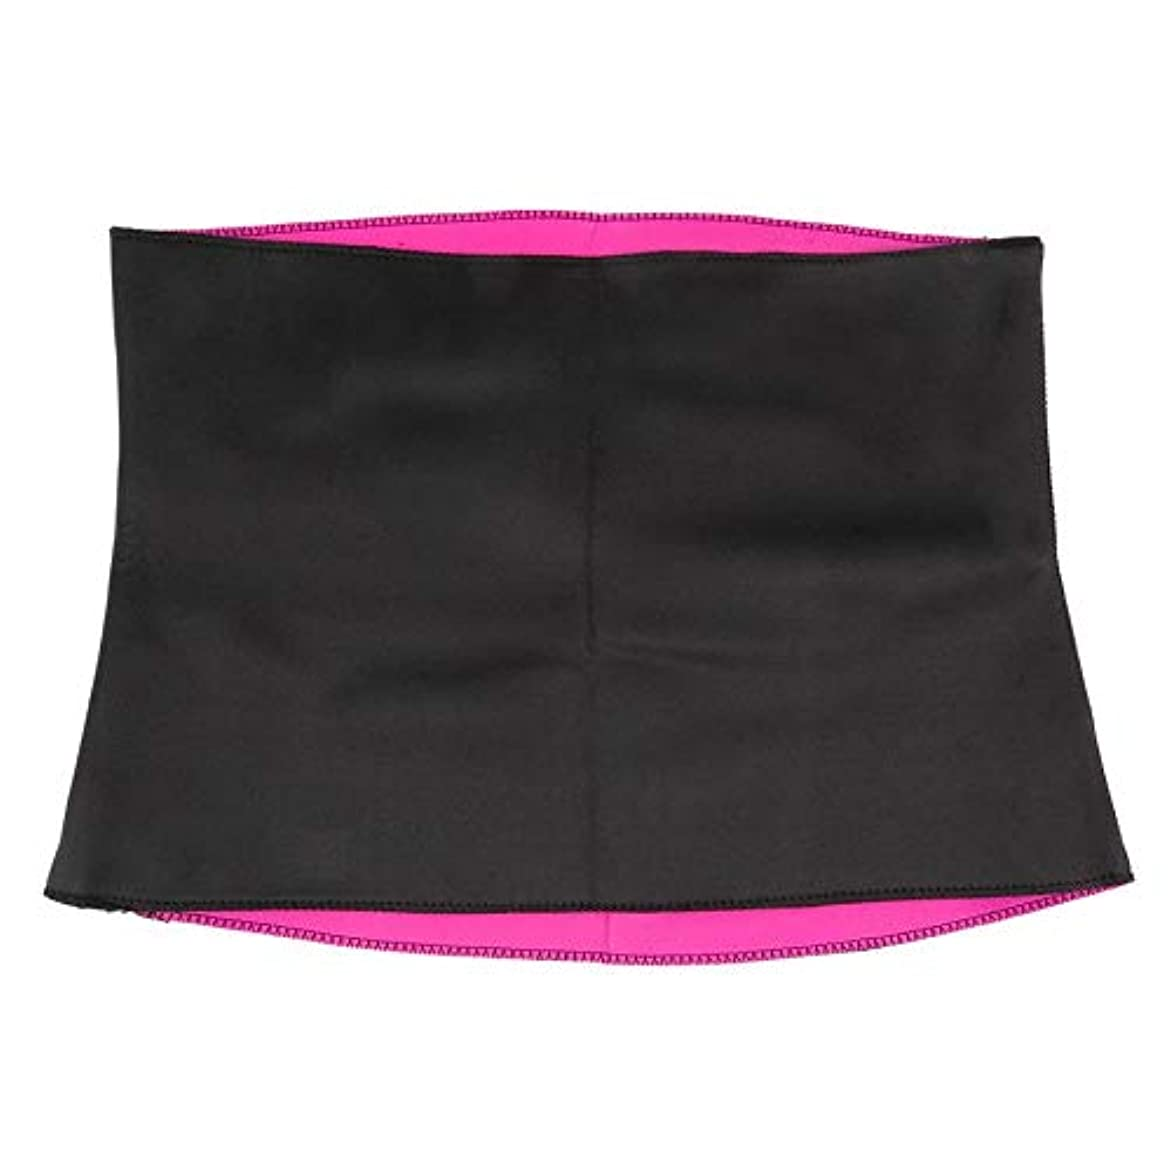 女性成人用固体ネオプレン健康痩身減量ウエストベルトボディシェイパー痩身トレーナートリマーコルセット - 赤&黒